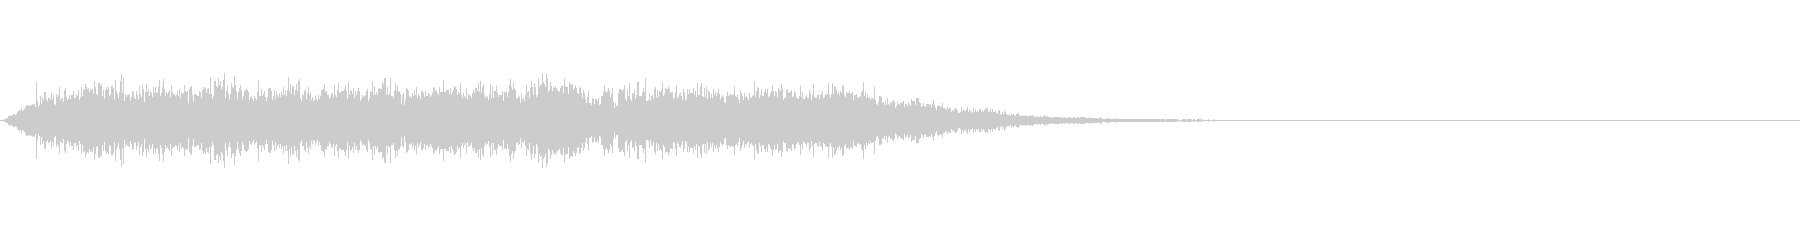 歓声 応援 祝いの声 効果音 01の未再生の波形